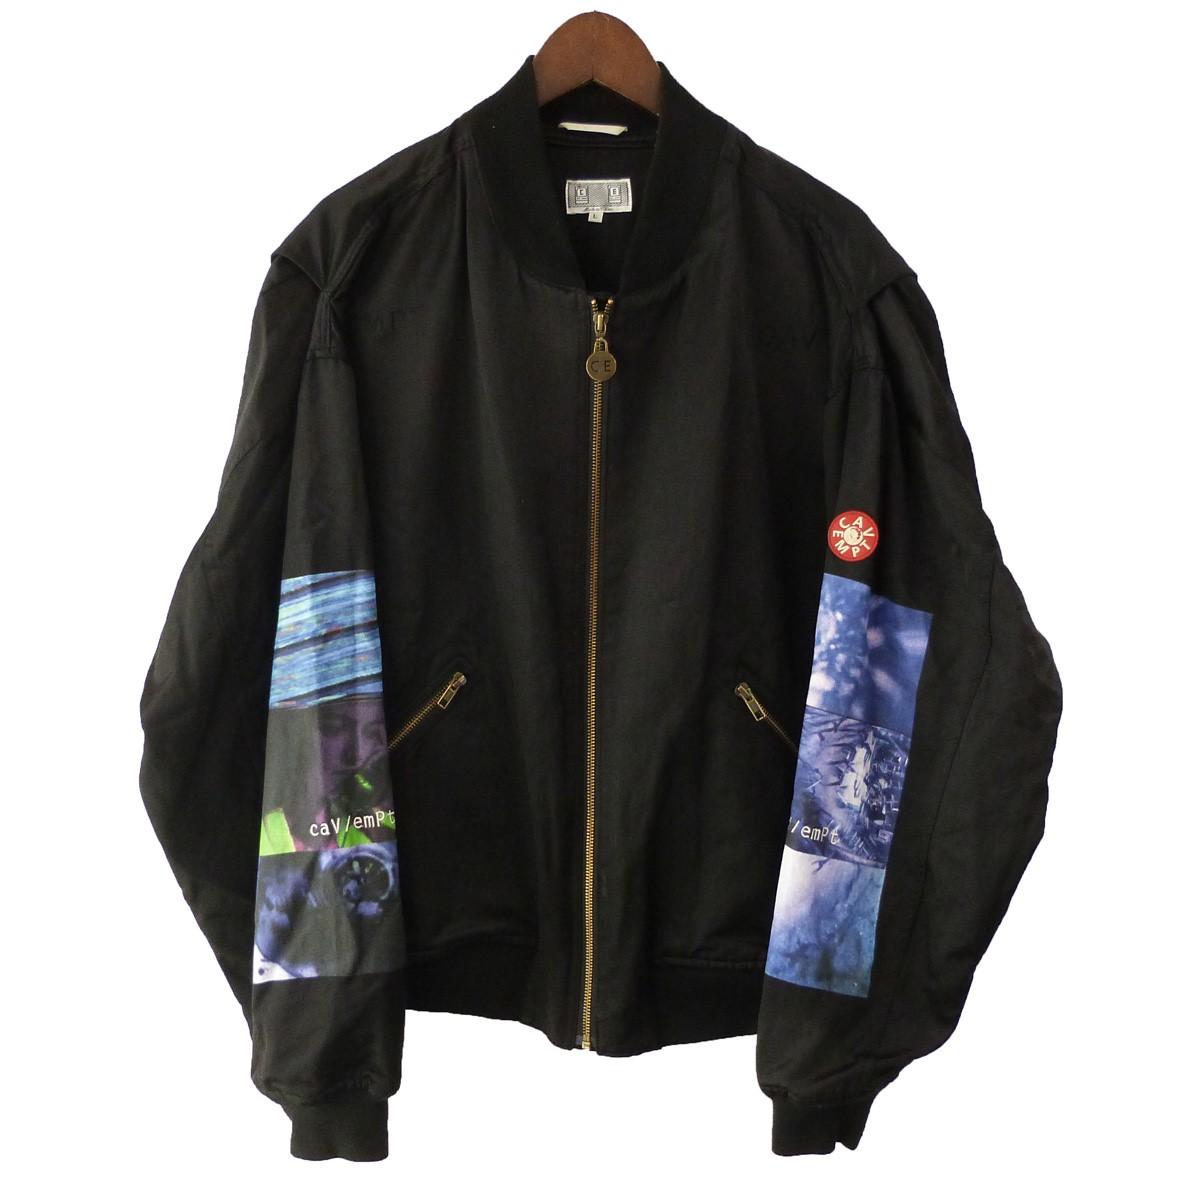 【中古】C.E 「DRIFT ZIP JACKET 」 グラフィックボンバージャケット ブラック サイズ:L 【060420】(シーイー)